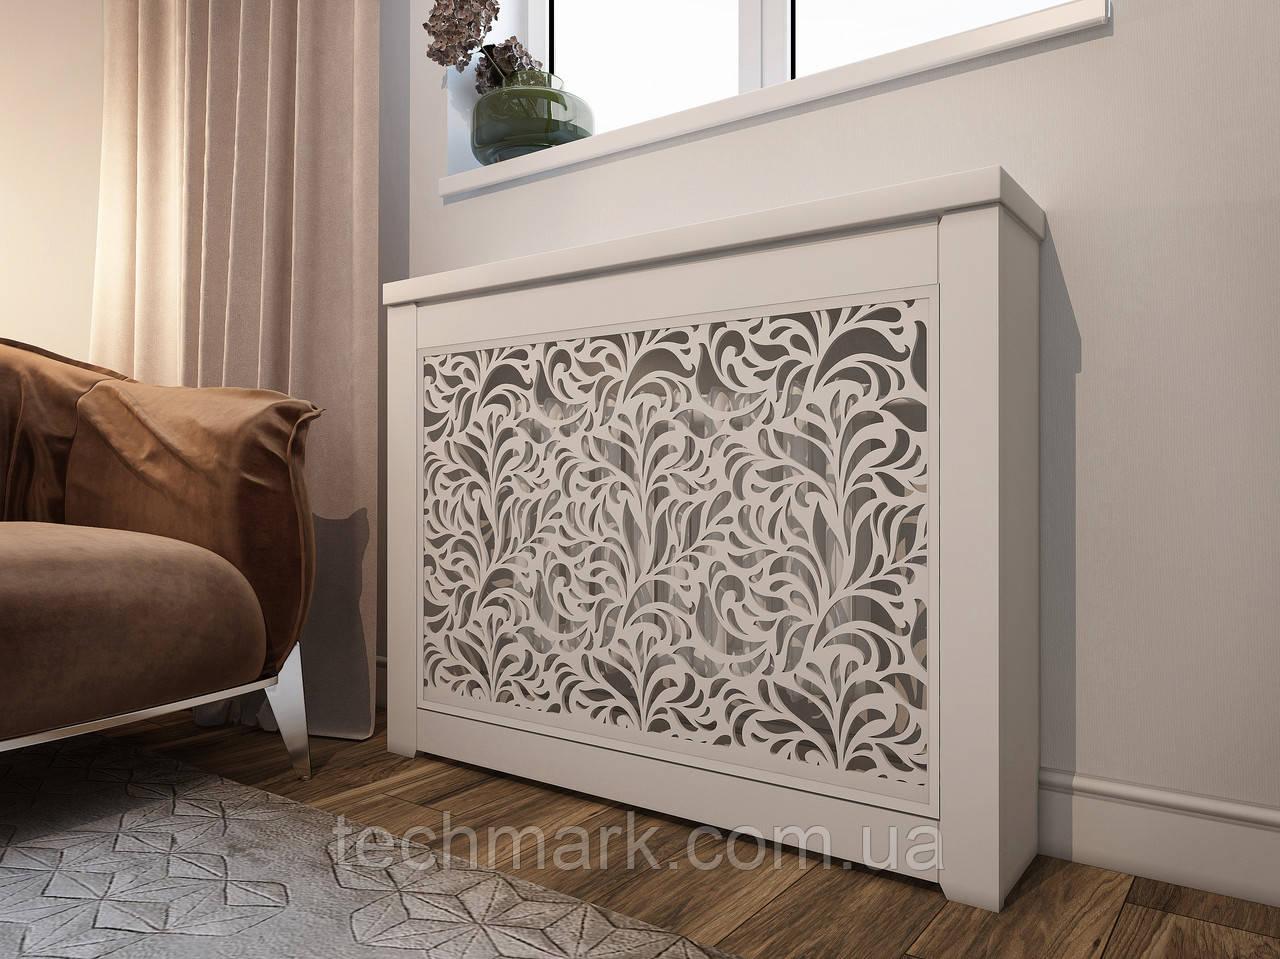 Декоративная решетка экран (короб) на батарею отопления R105-К